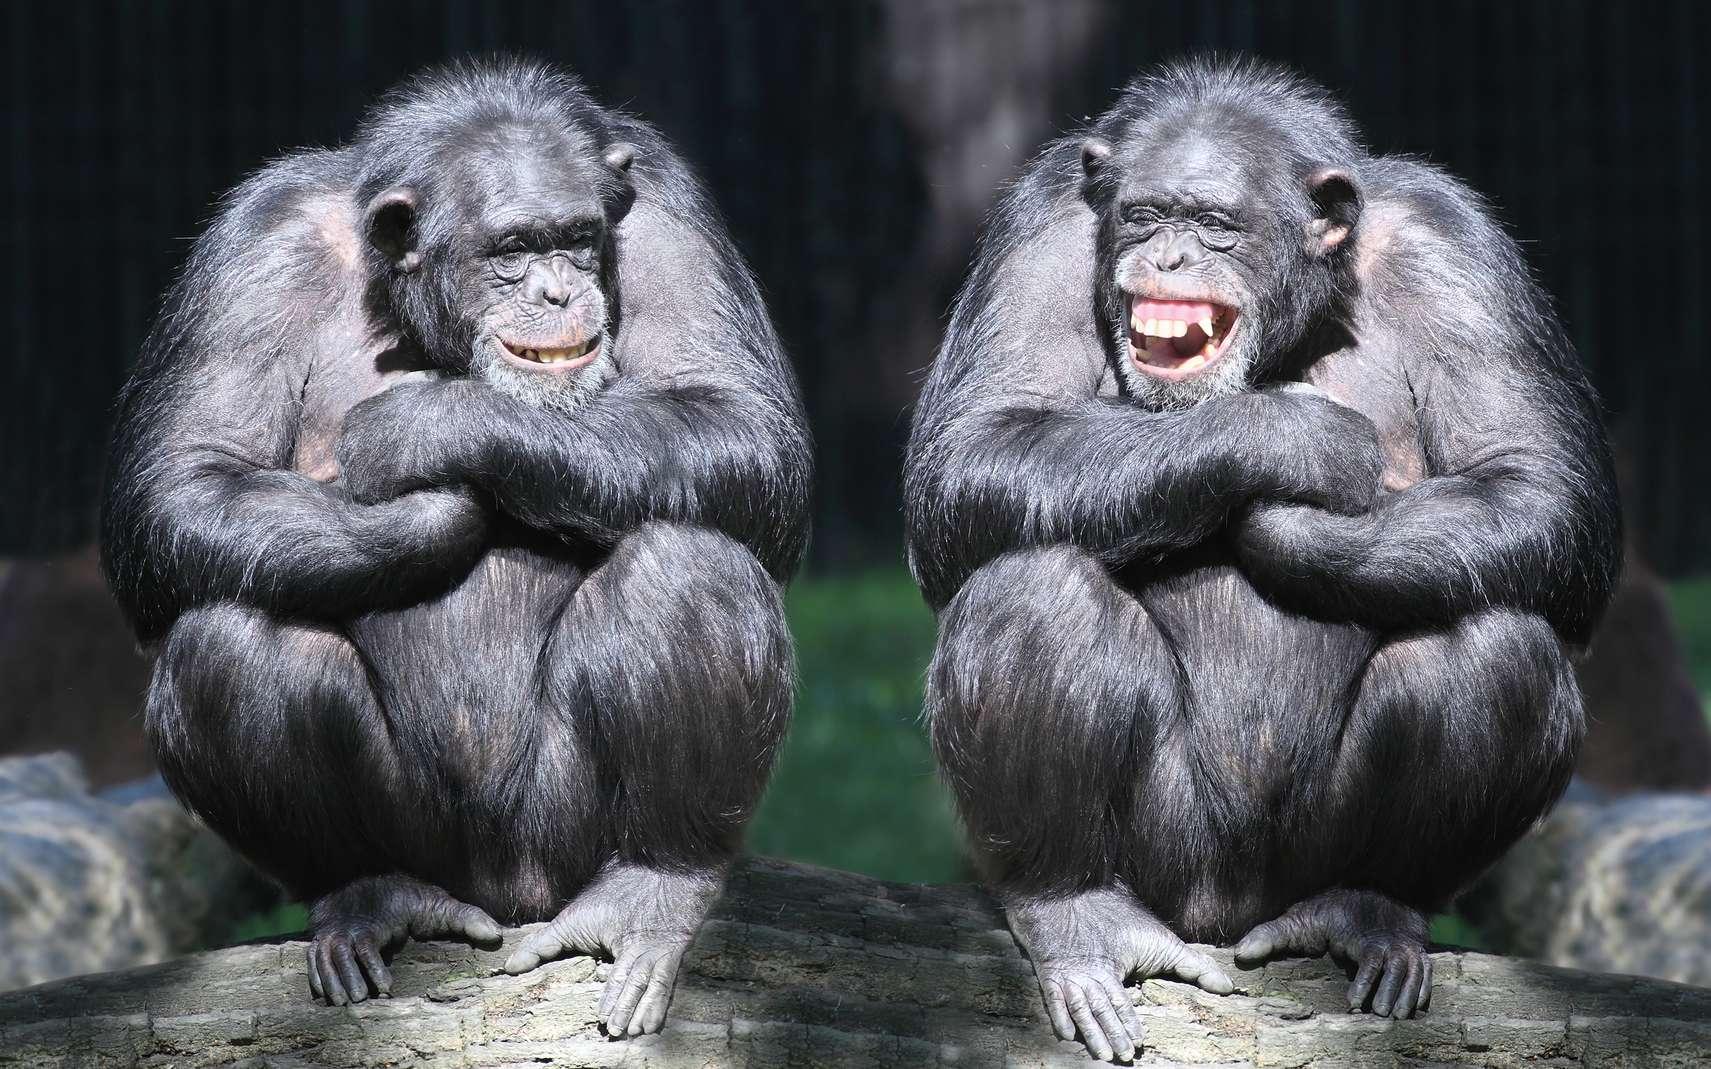 Les chimpanzés montrent des dispositions variées dans de nombreuses tâches intellectuelles. © Kletr, Fotolia